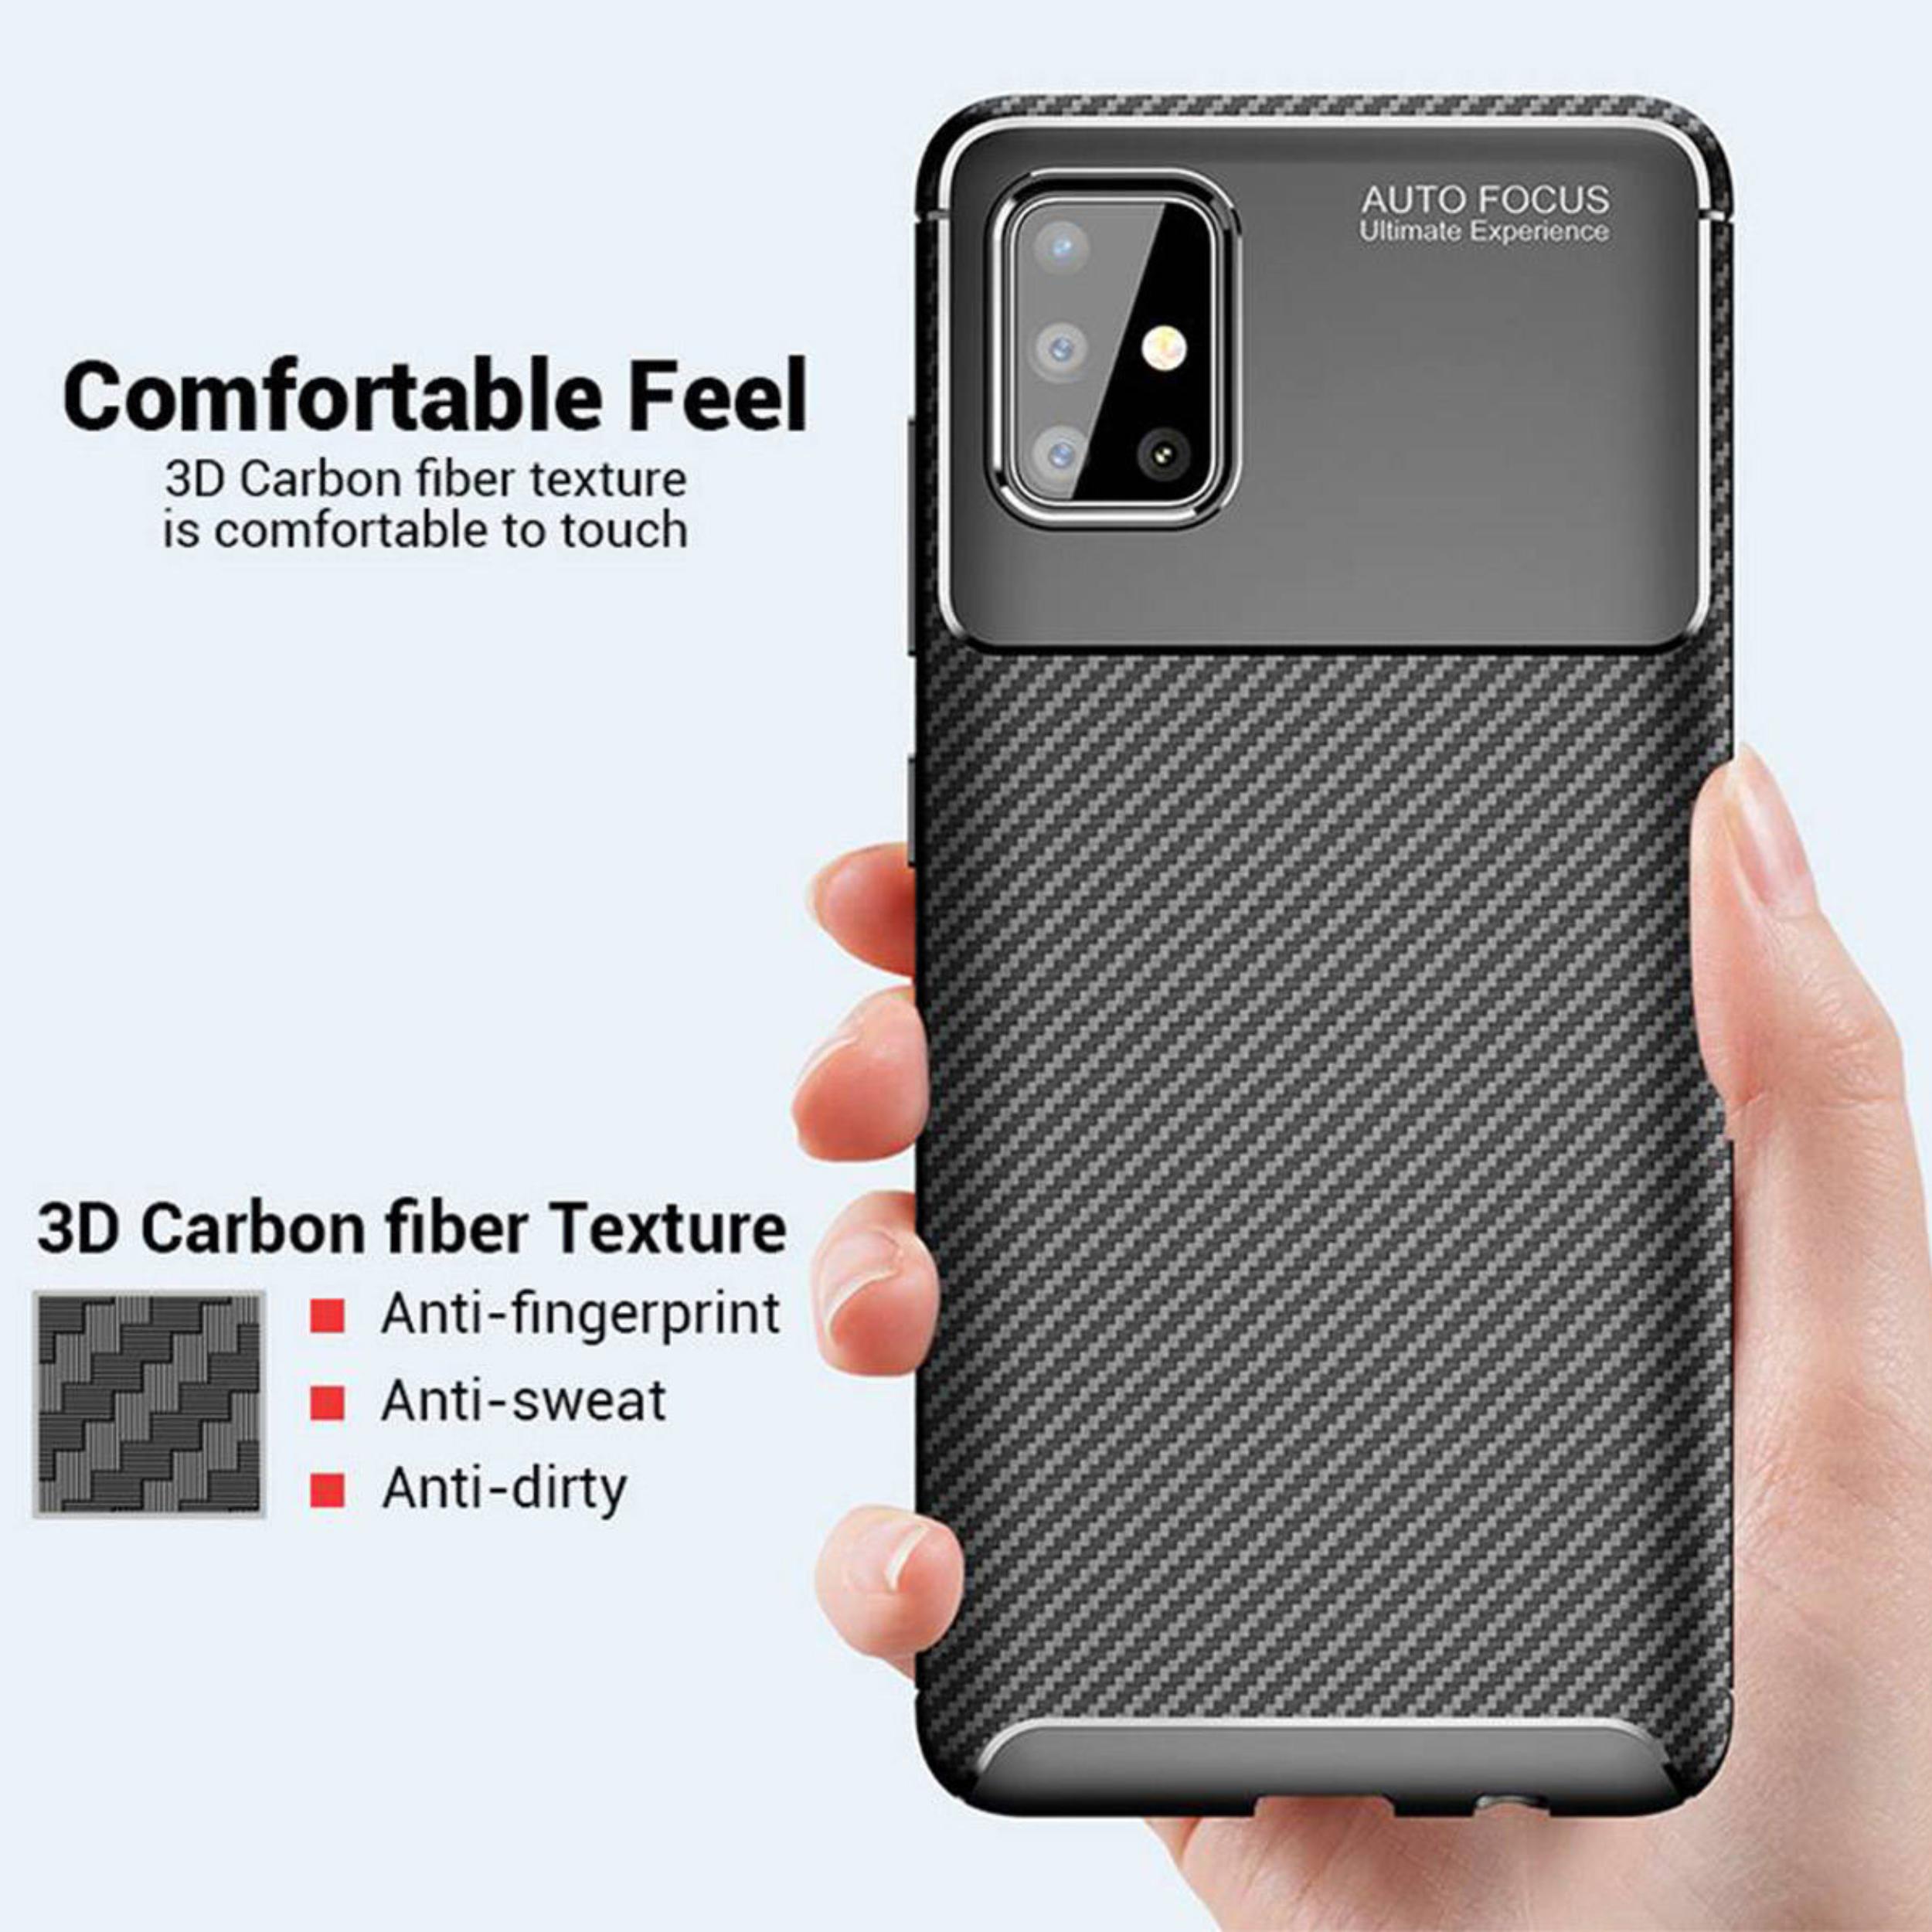 کاور لاین کینگ مدل A21 مناسب برای گوشی موبایل سامسونگ Galaxy A71 thumb 2 14